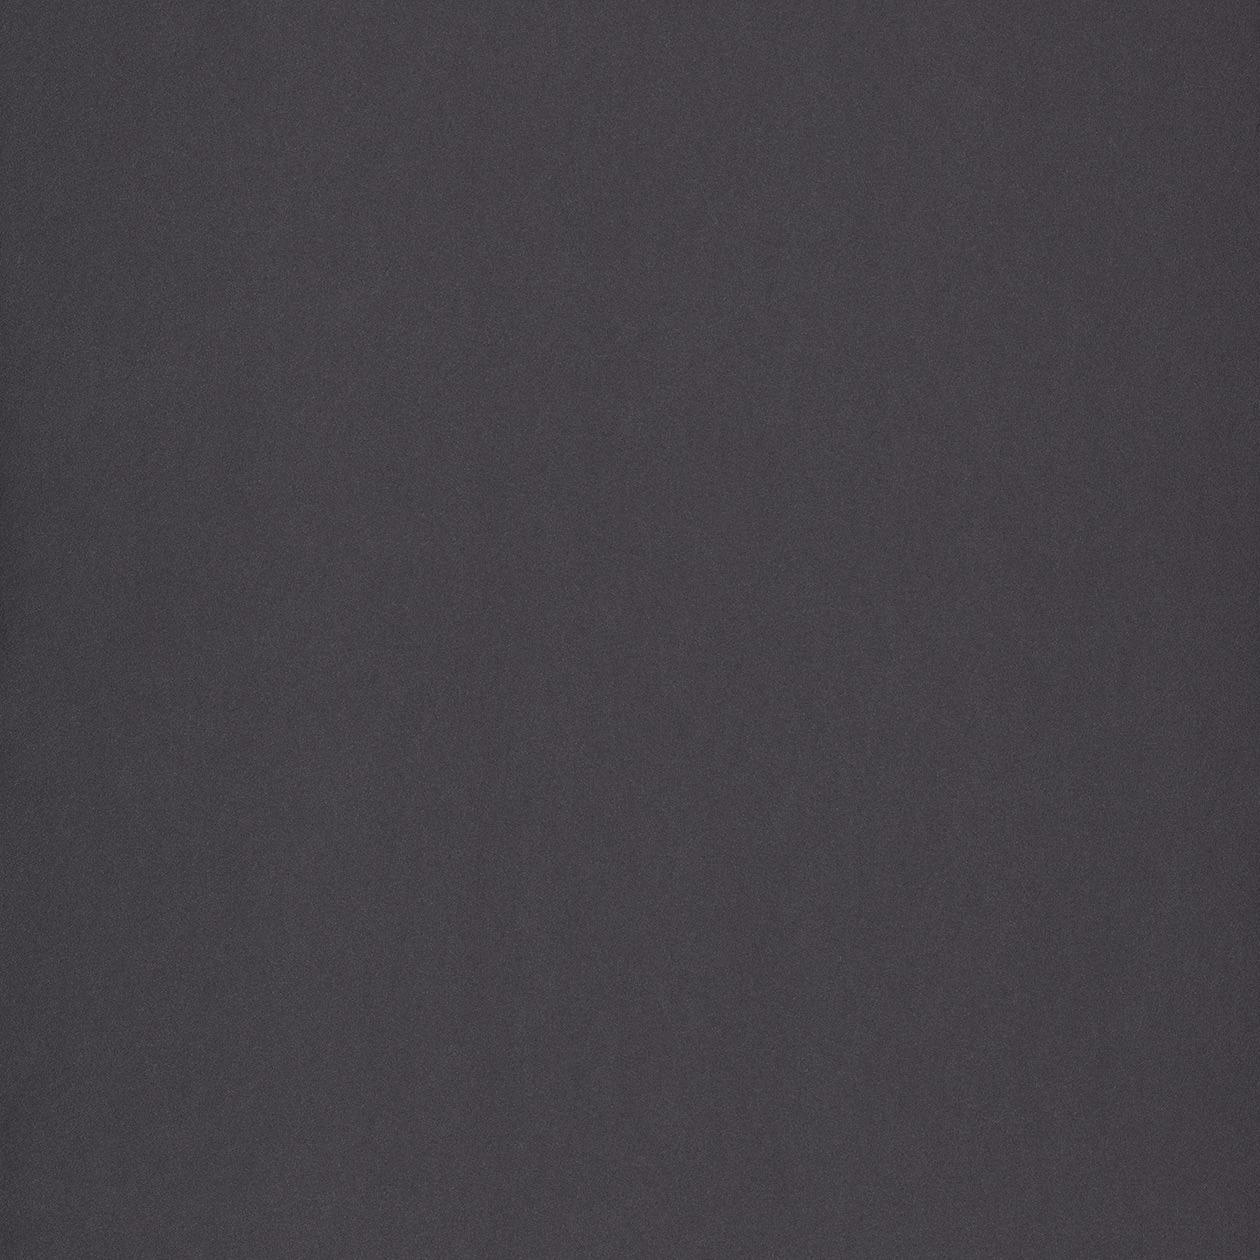 Французские обои Caselio,  коллекция Shades, артикулSHA58859259